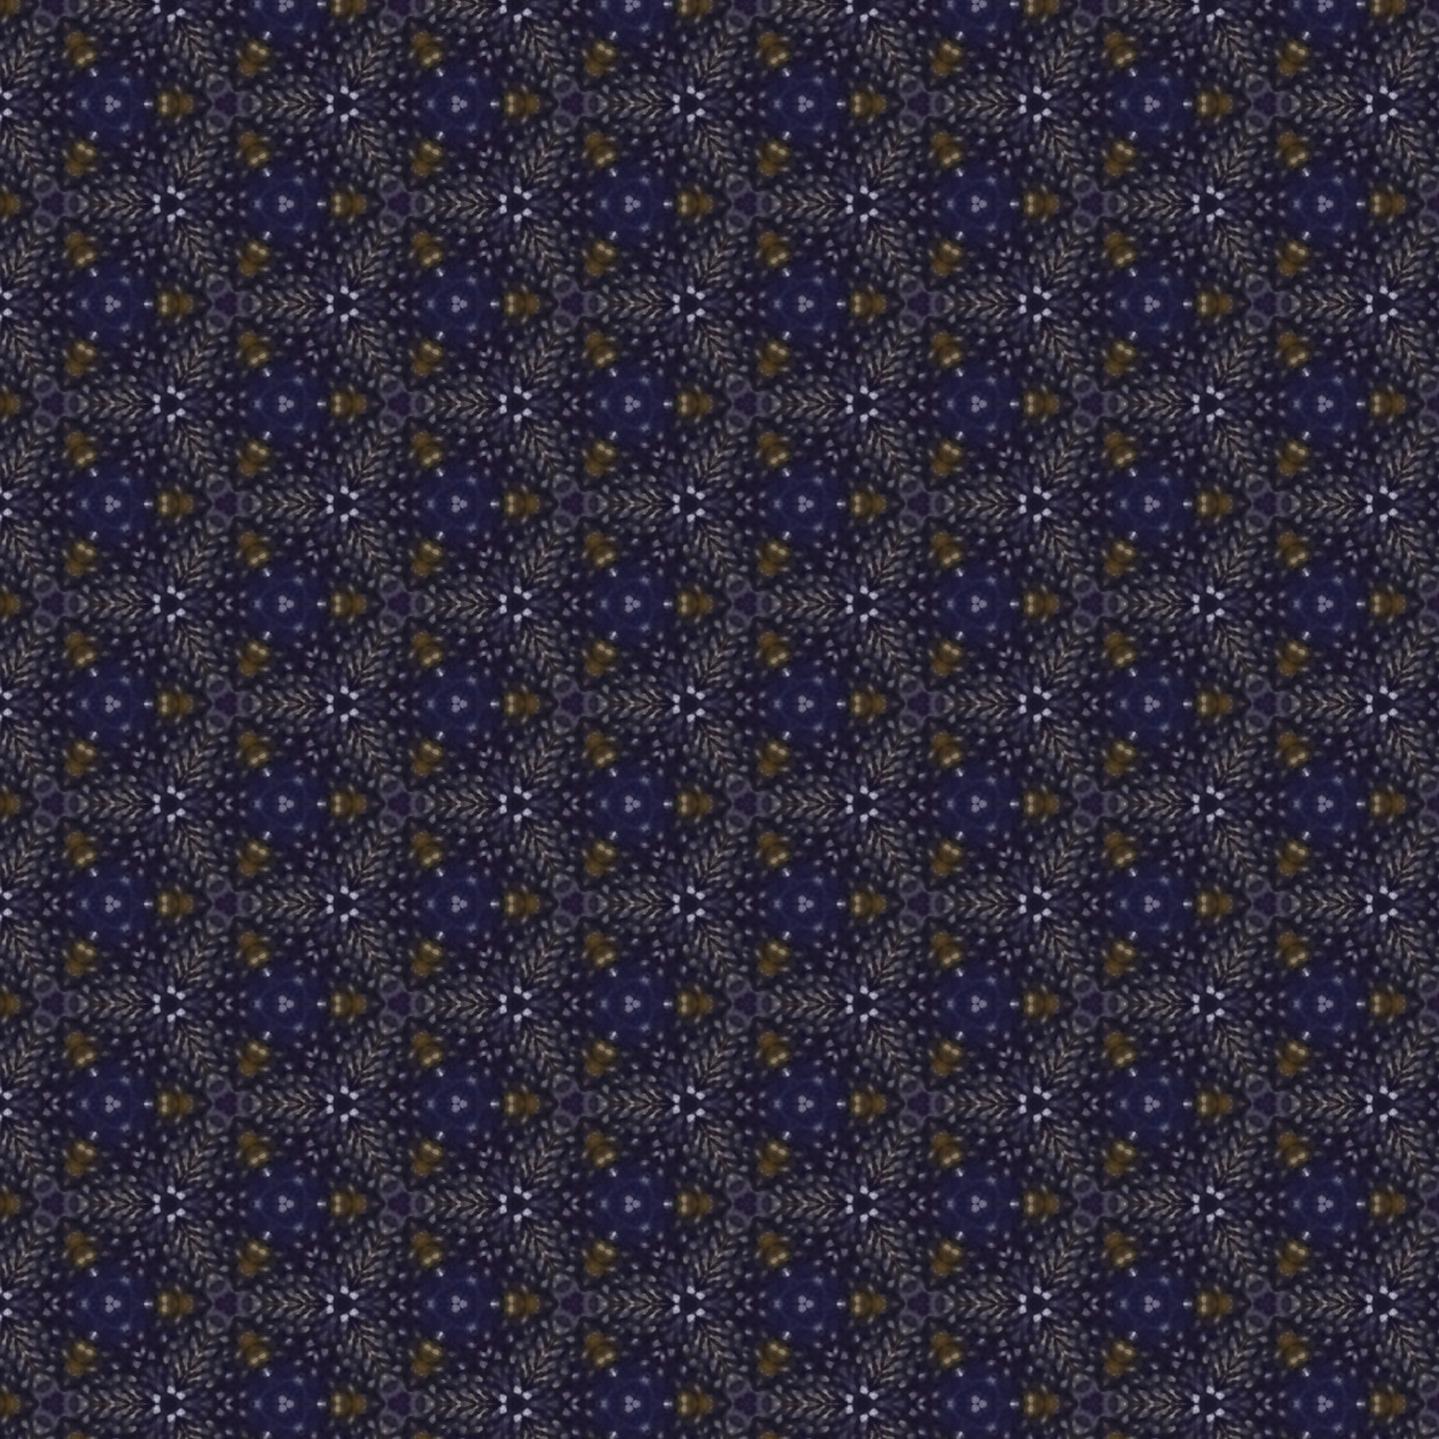 Fabric design _8161_18i